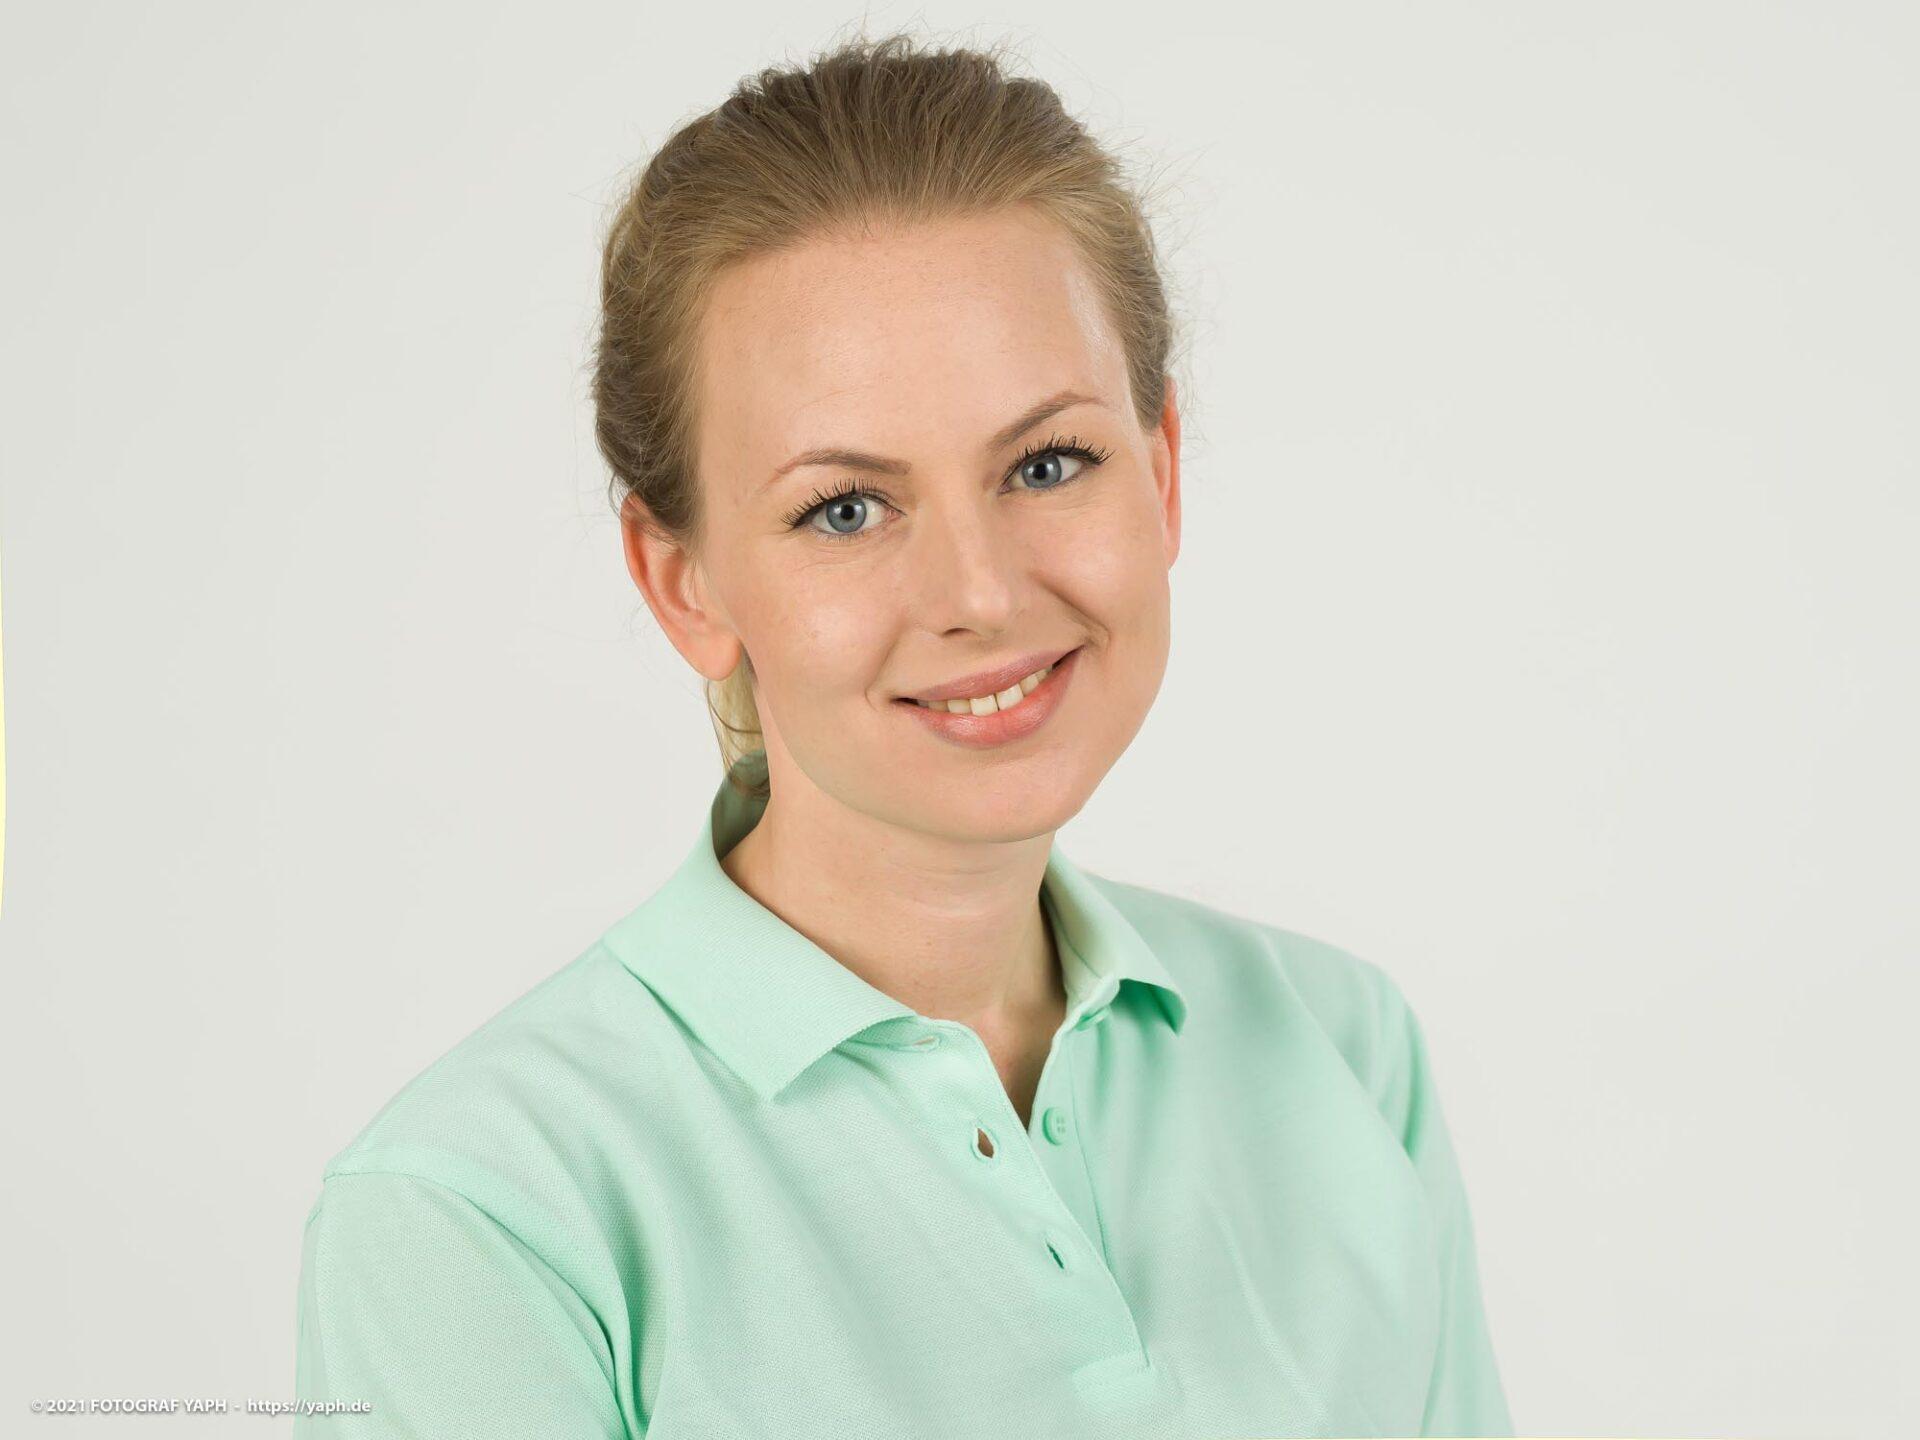 Mitarbeiterportraits und Business Portraits Praxis Kesselheim bei Fotograf Bewerbungsfotos Trier - Yaph